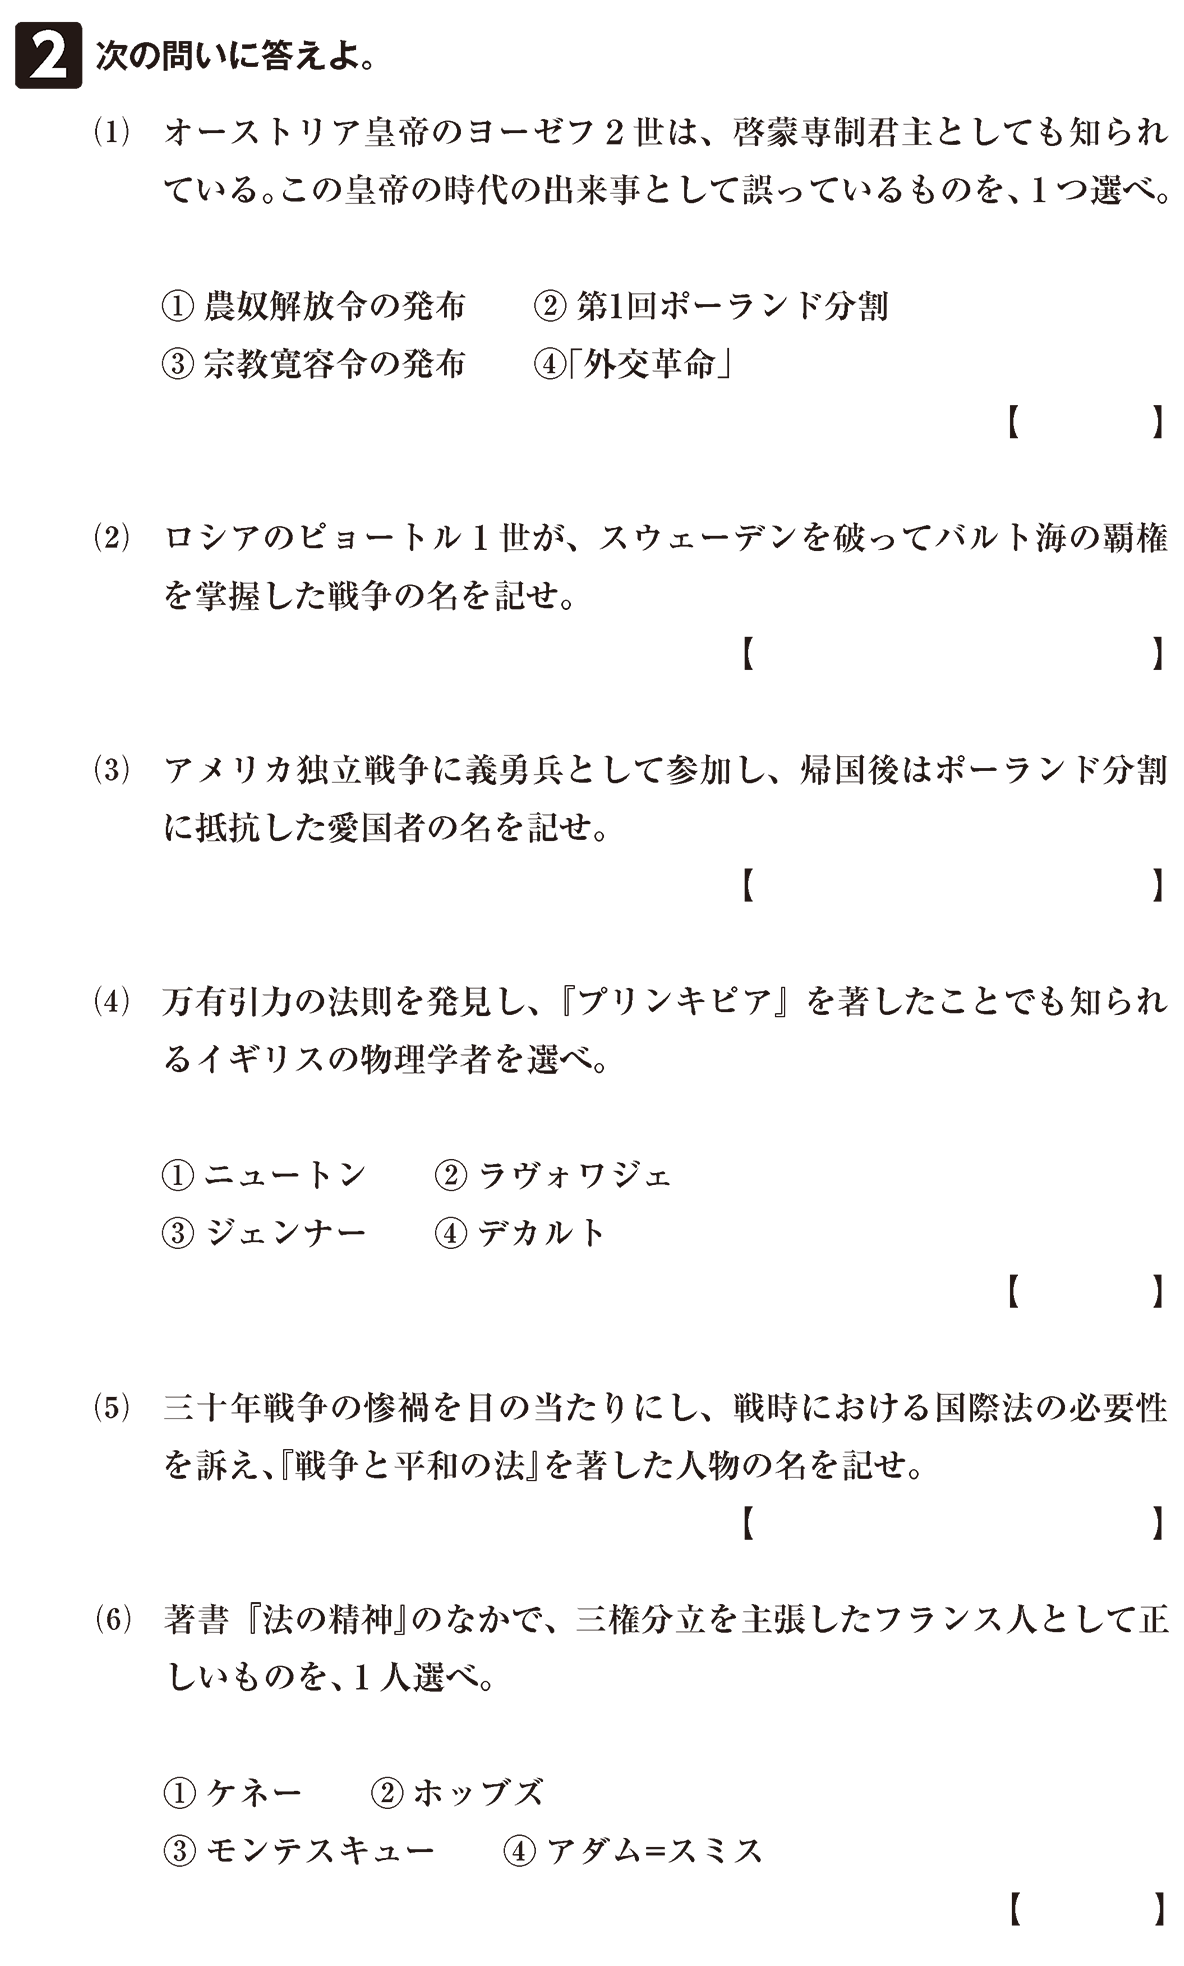 高校世界史 東欧絶対王政8 確認テスト(後半)